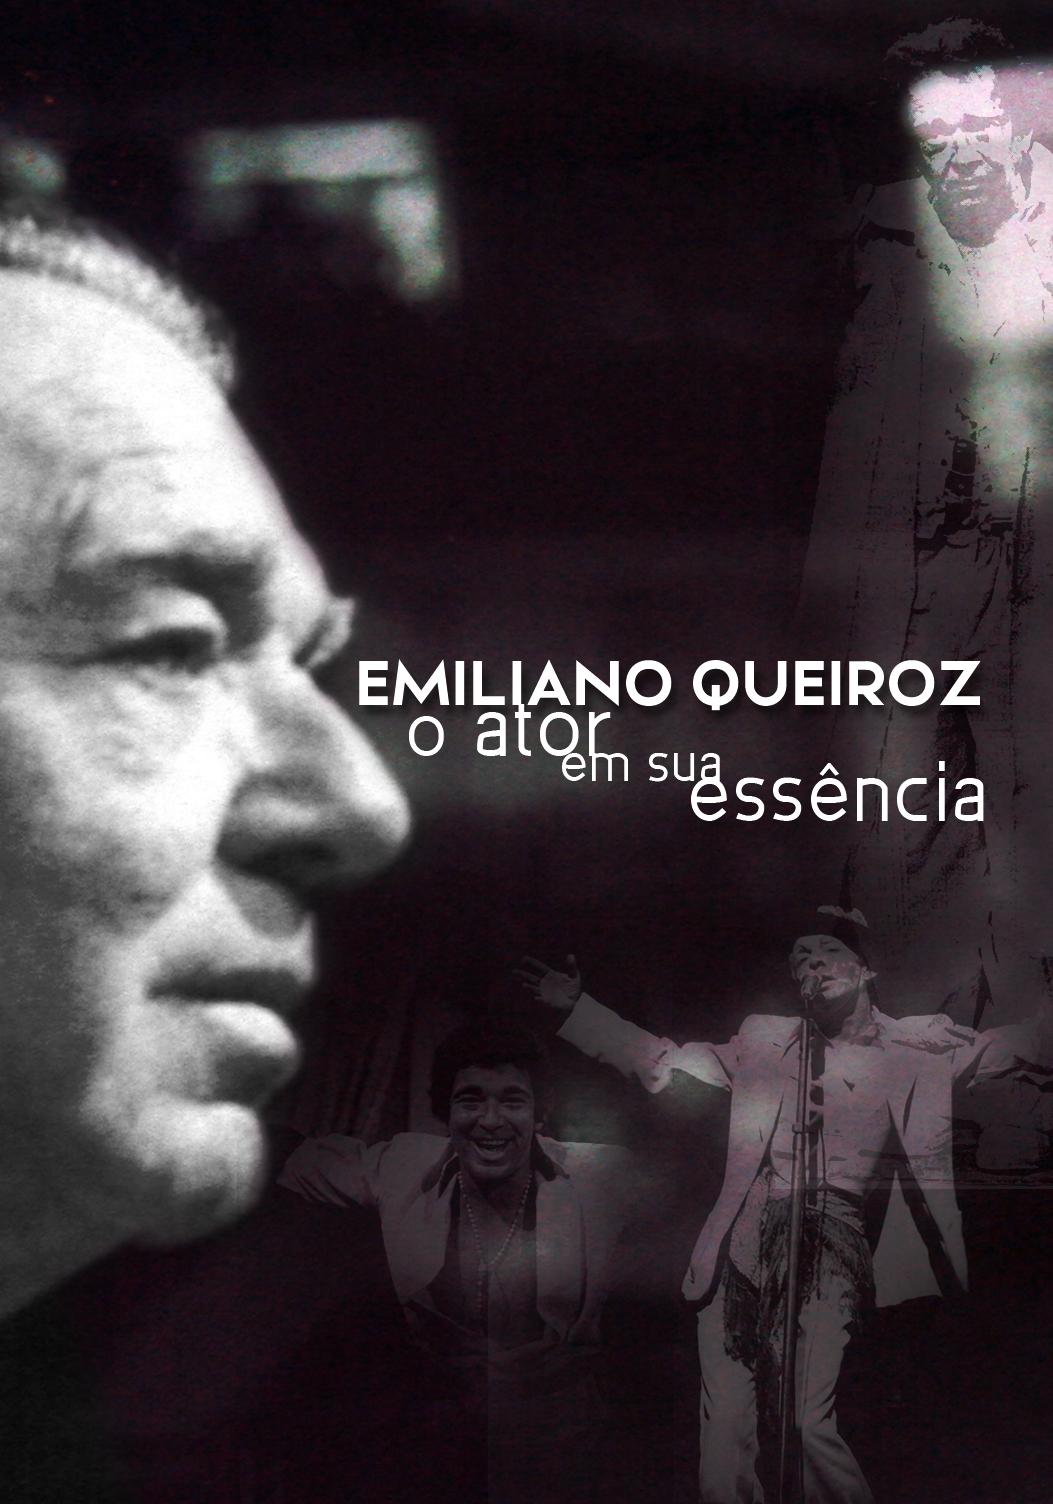 Emiliano Queiroz O Ator Em Sua Essencia 2018 Imdb